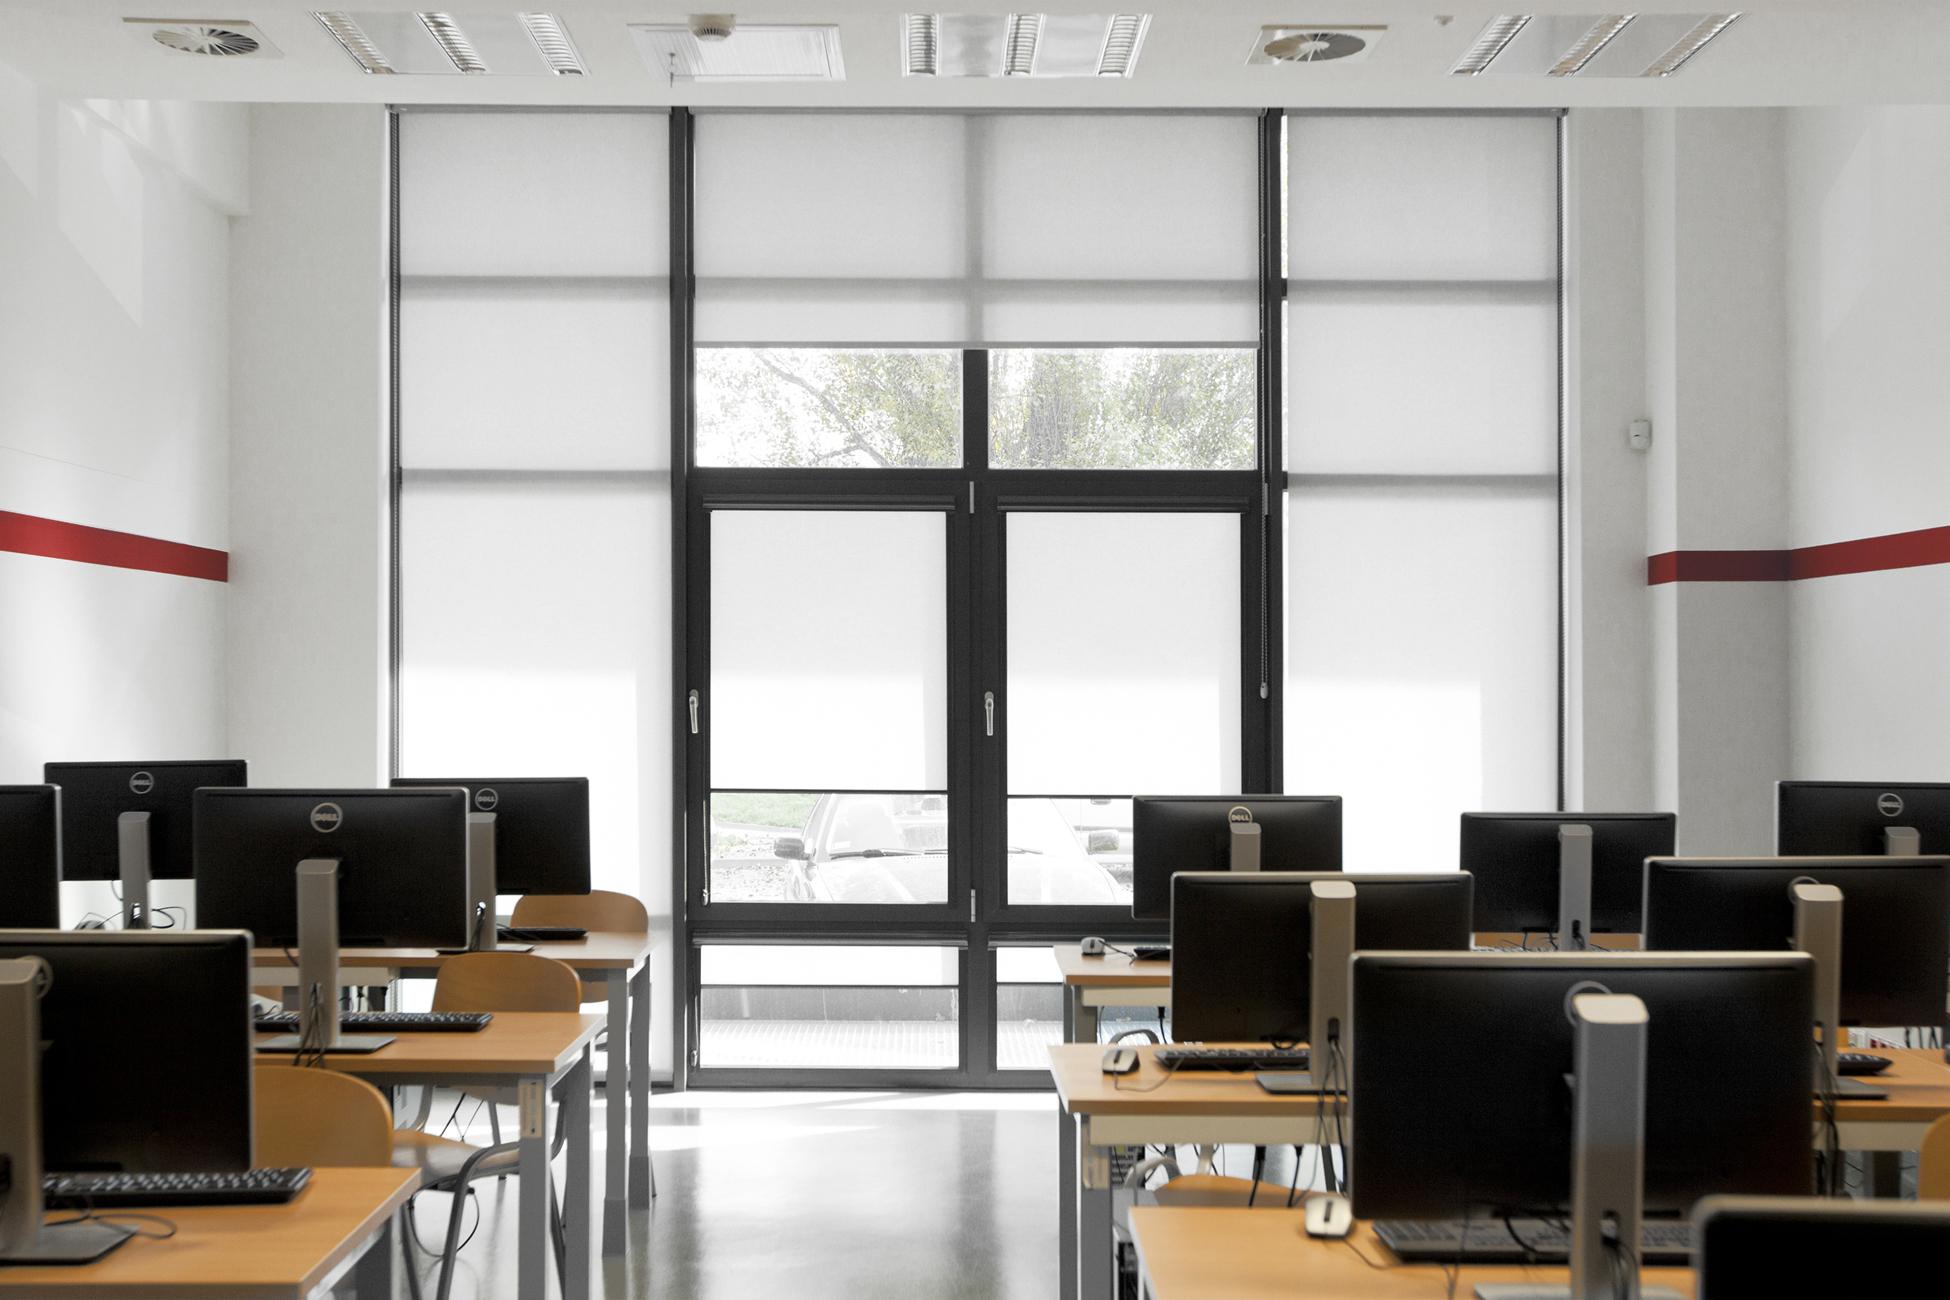 Rolety wewnętrzne materiałowe to ochrona przed refleksami światła na ekranie monitora.